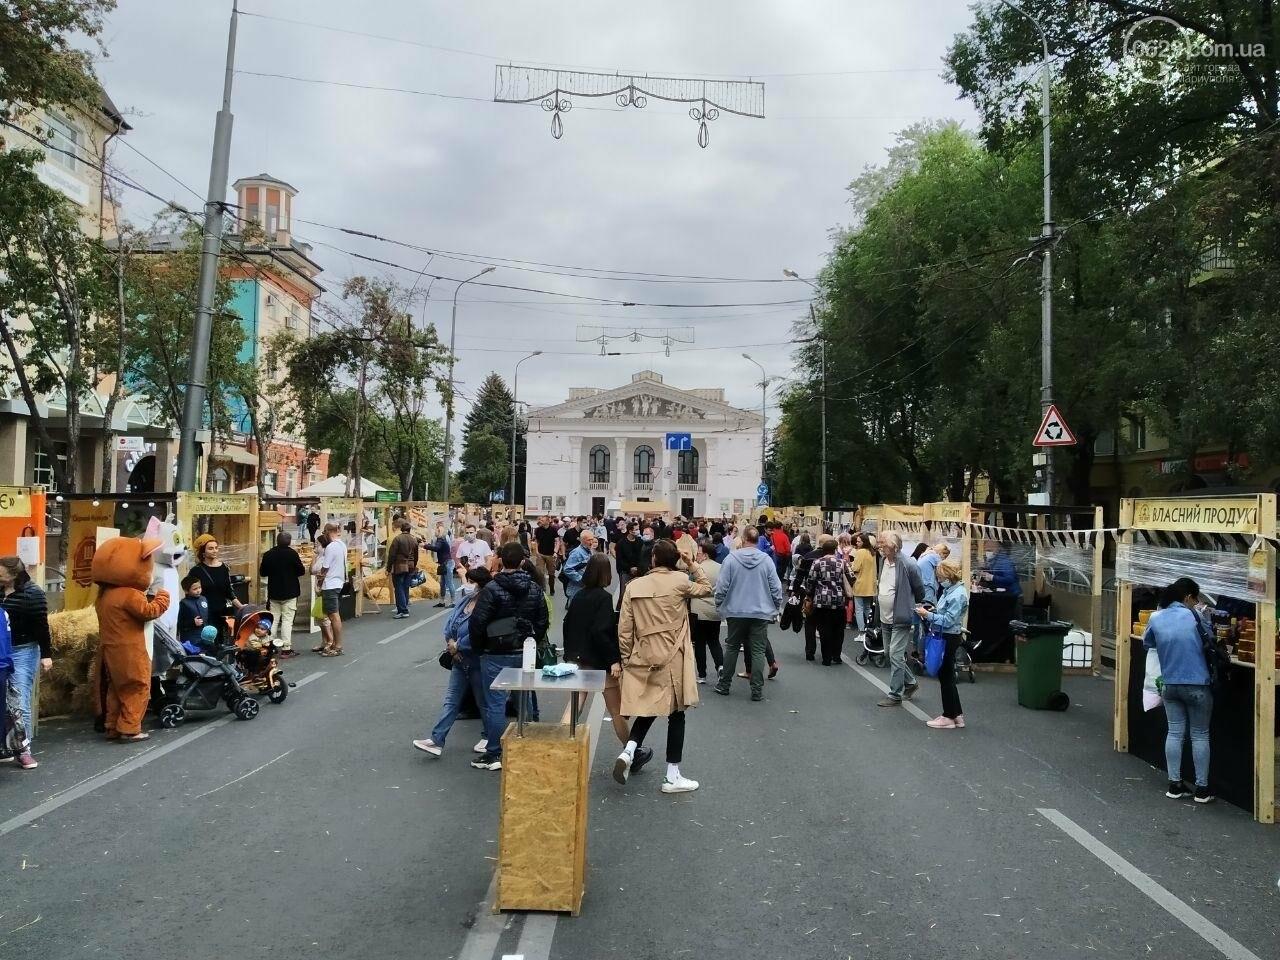 Как в Мариуполе прошел первый фермерский фестиваль, - ФОТО, фото-4